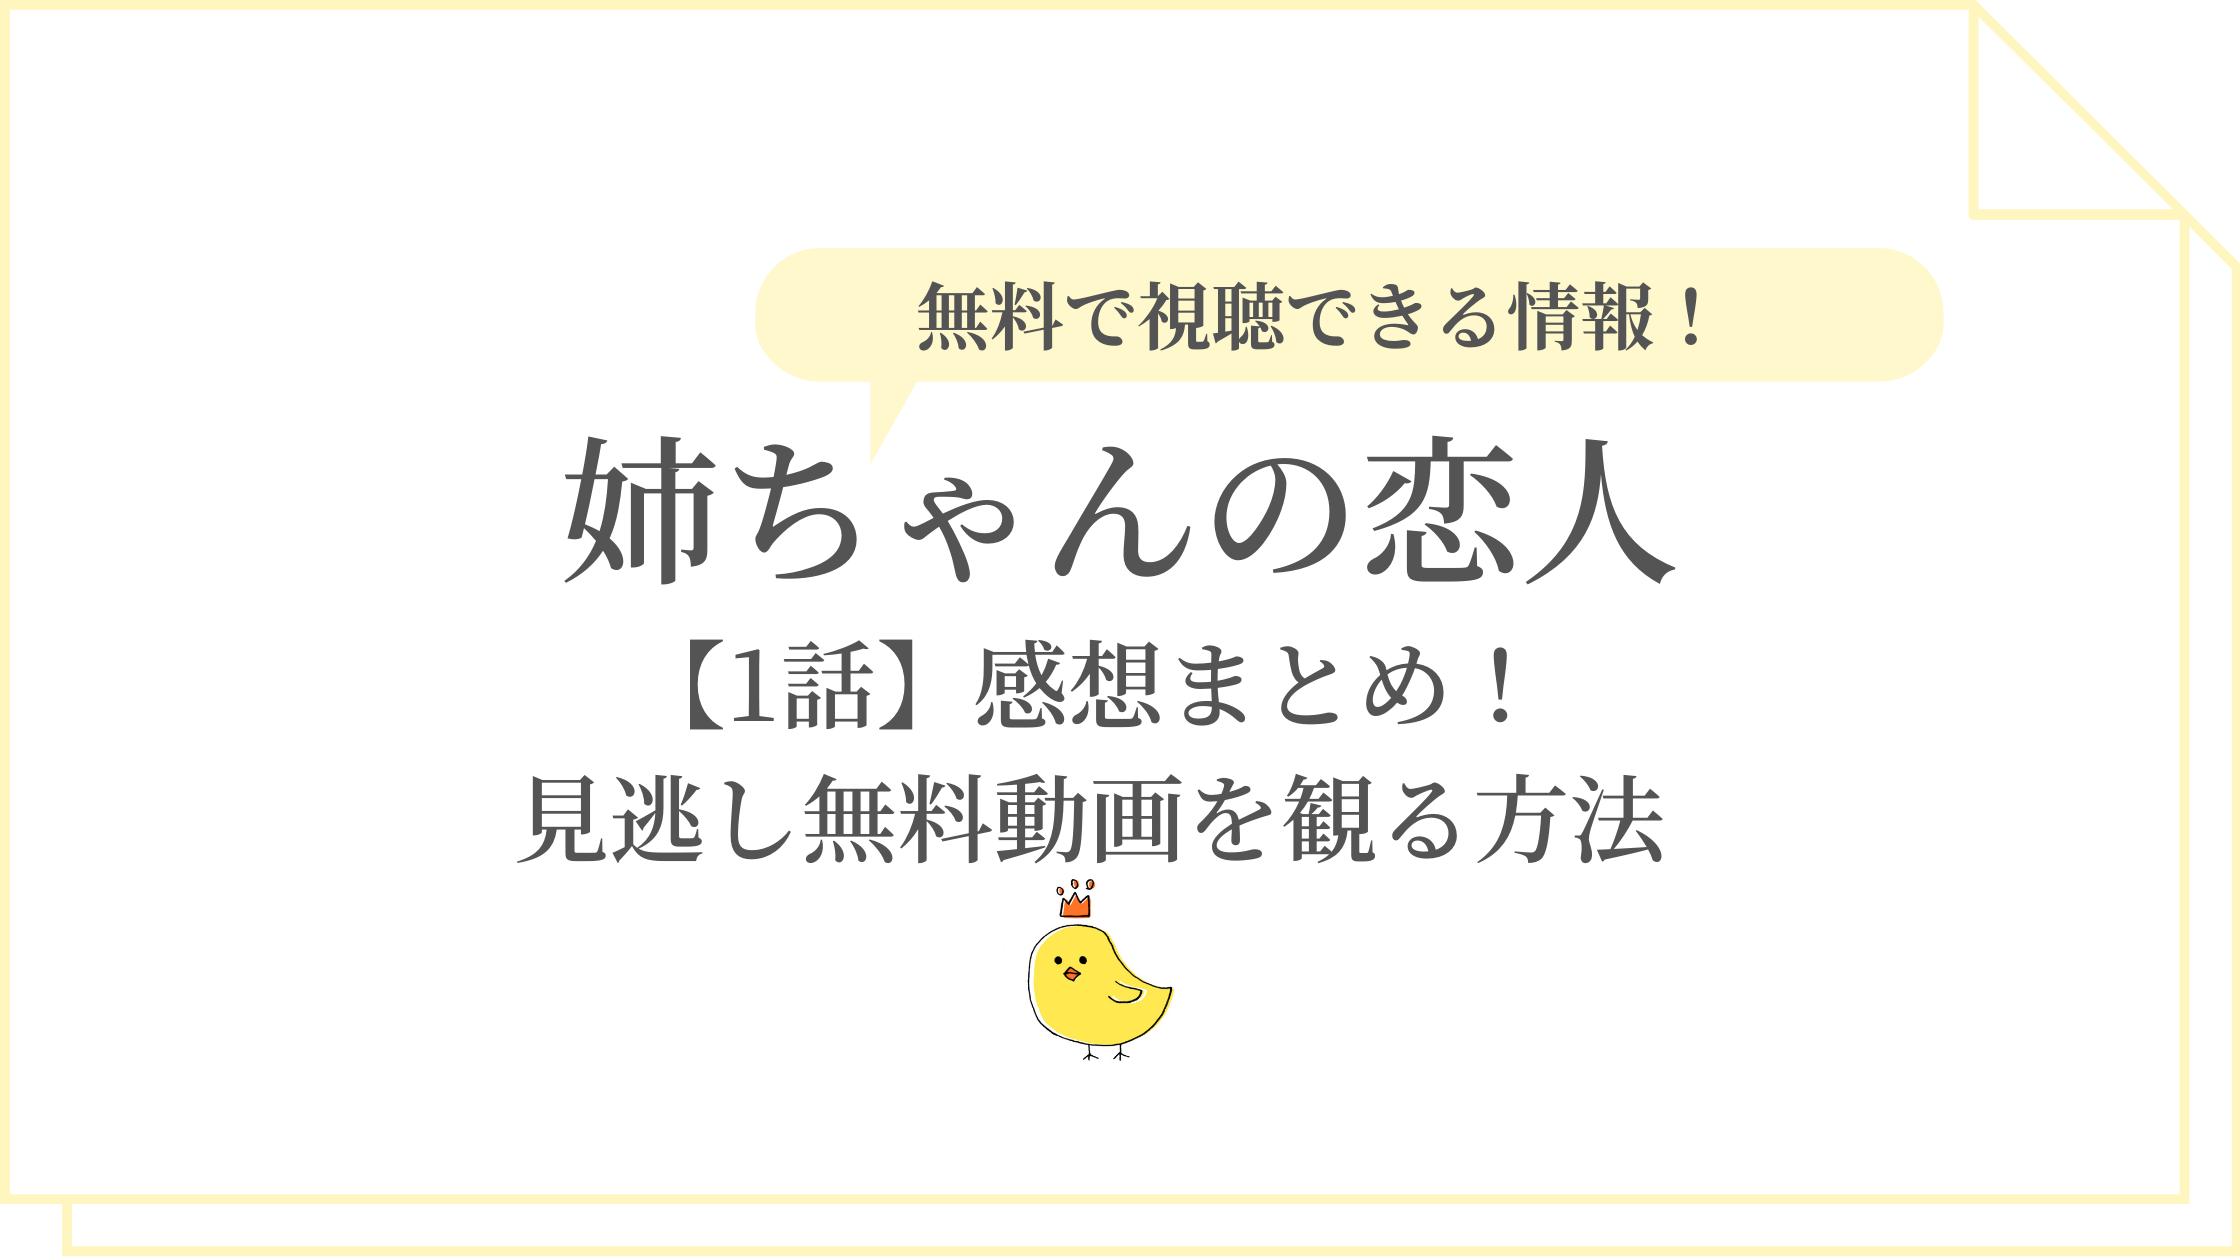 朝顔 主題 歌 歌詞 朝顔 歌詞「折坂悠太」ふりがな付 歌詞検索サイト【UtaTen】